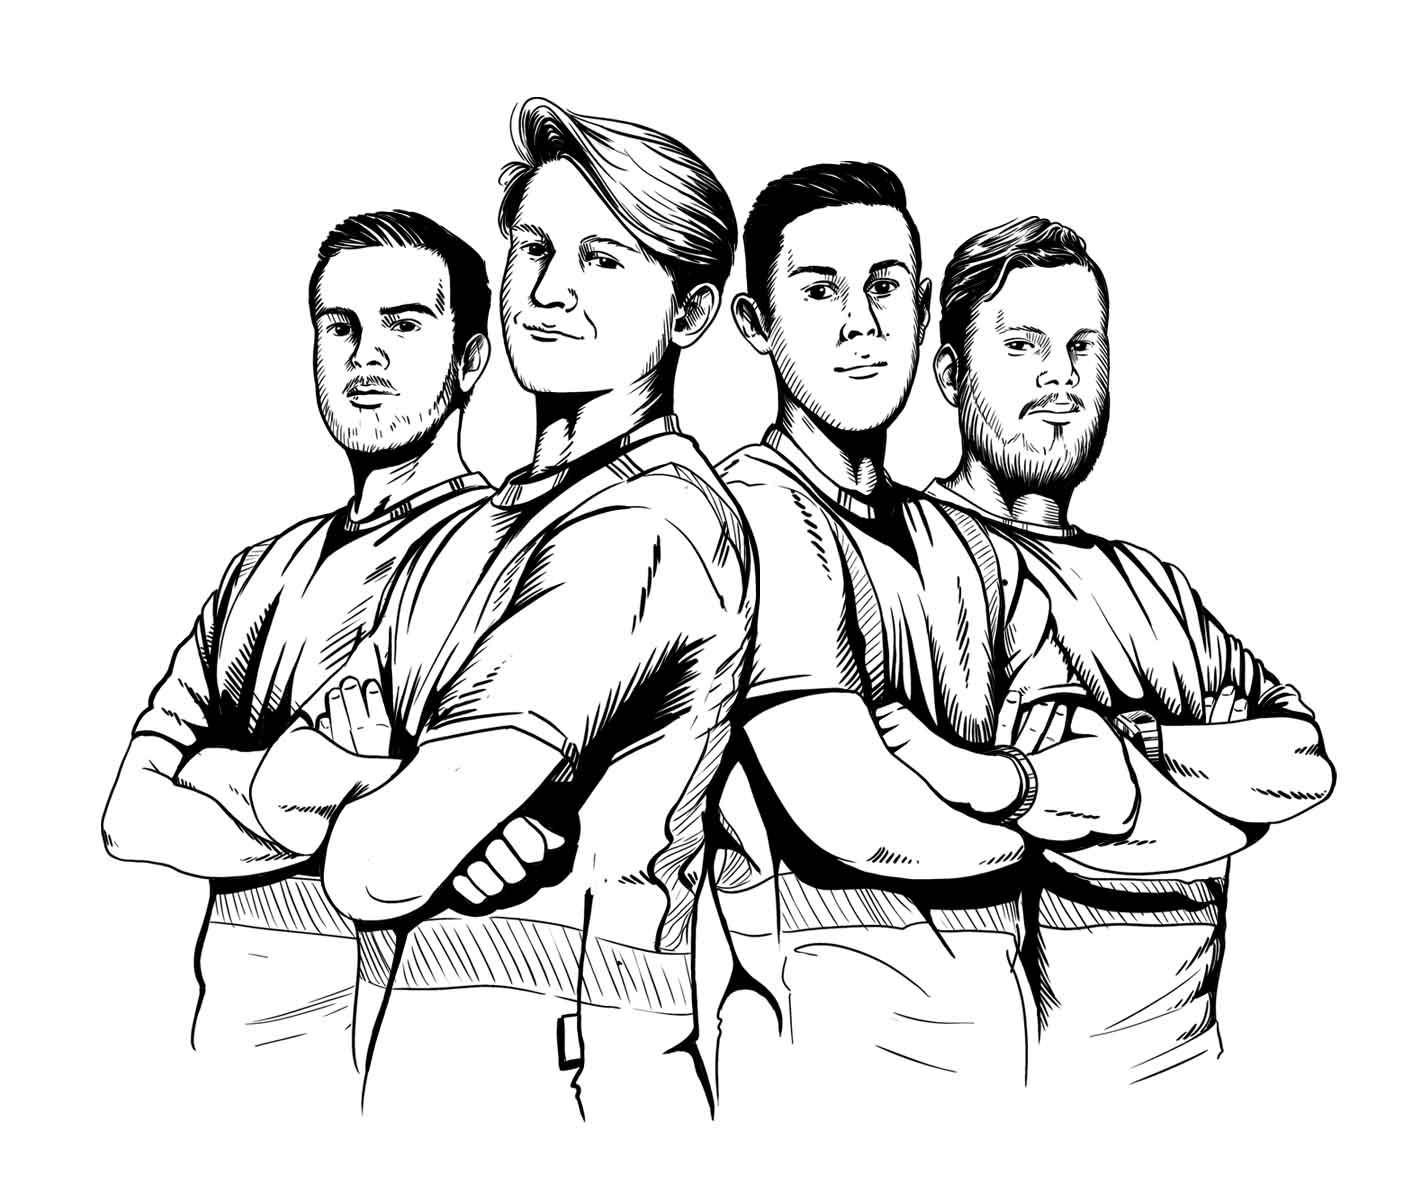 Die finale Illustration der vier angehenden Braumeister.